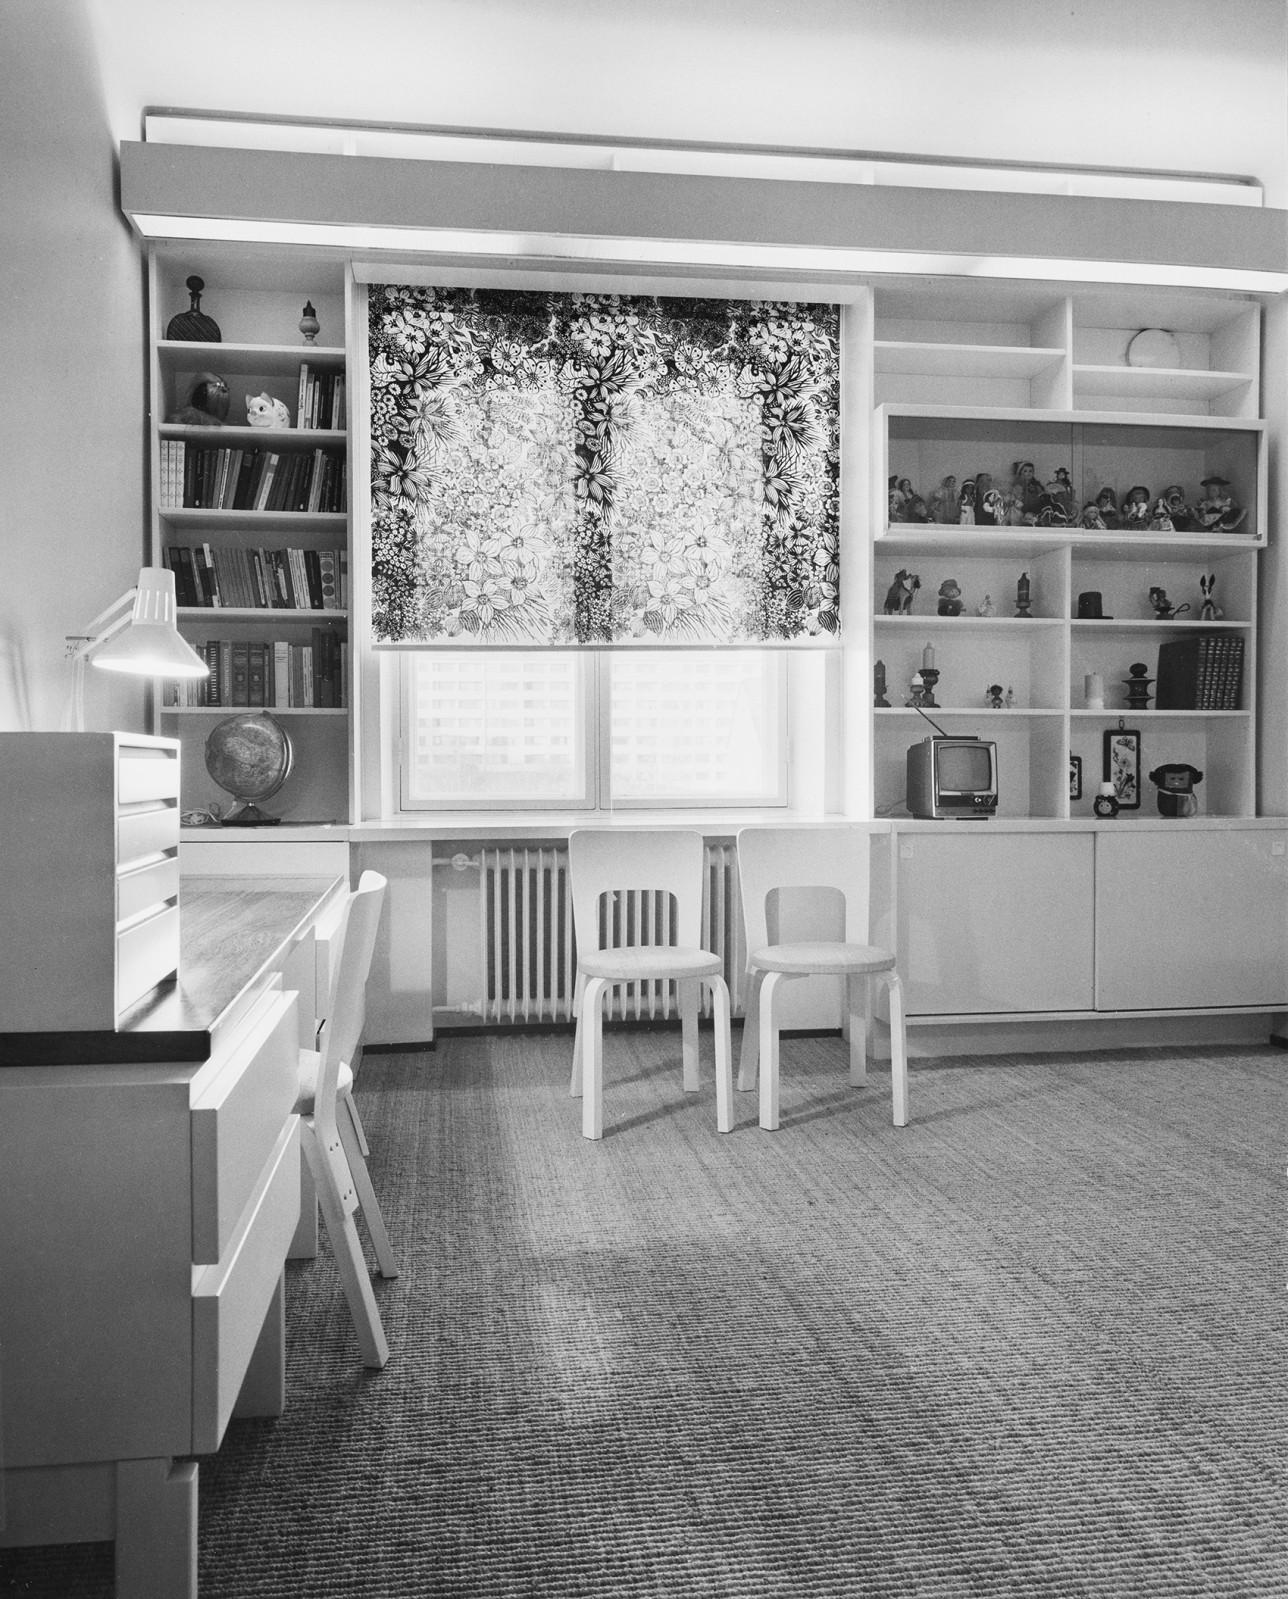 Kuvan vasemmassa reunassa työpöytä ja lamppu. Edessa ikkuna missä kukkakuvioinen kaihdinverho. Ikkunaa ympäröi molemmin puolin koko seinän kokoinen hyllykkö. Vasemmalla puolella hyllyssä kirjoja ja karttapallo, oikealla puolella ylähyllyllä nukkeja.